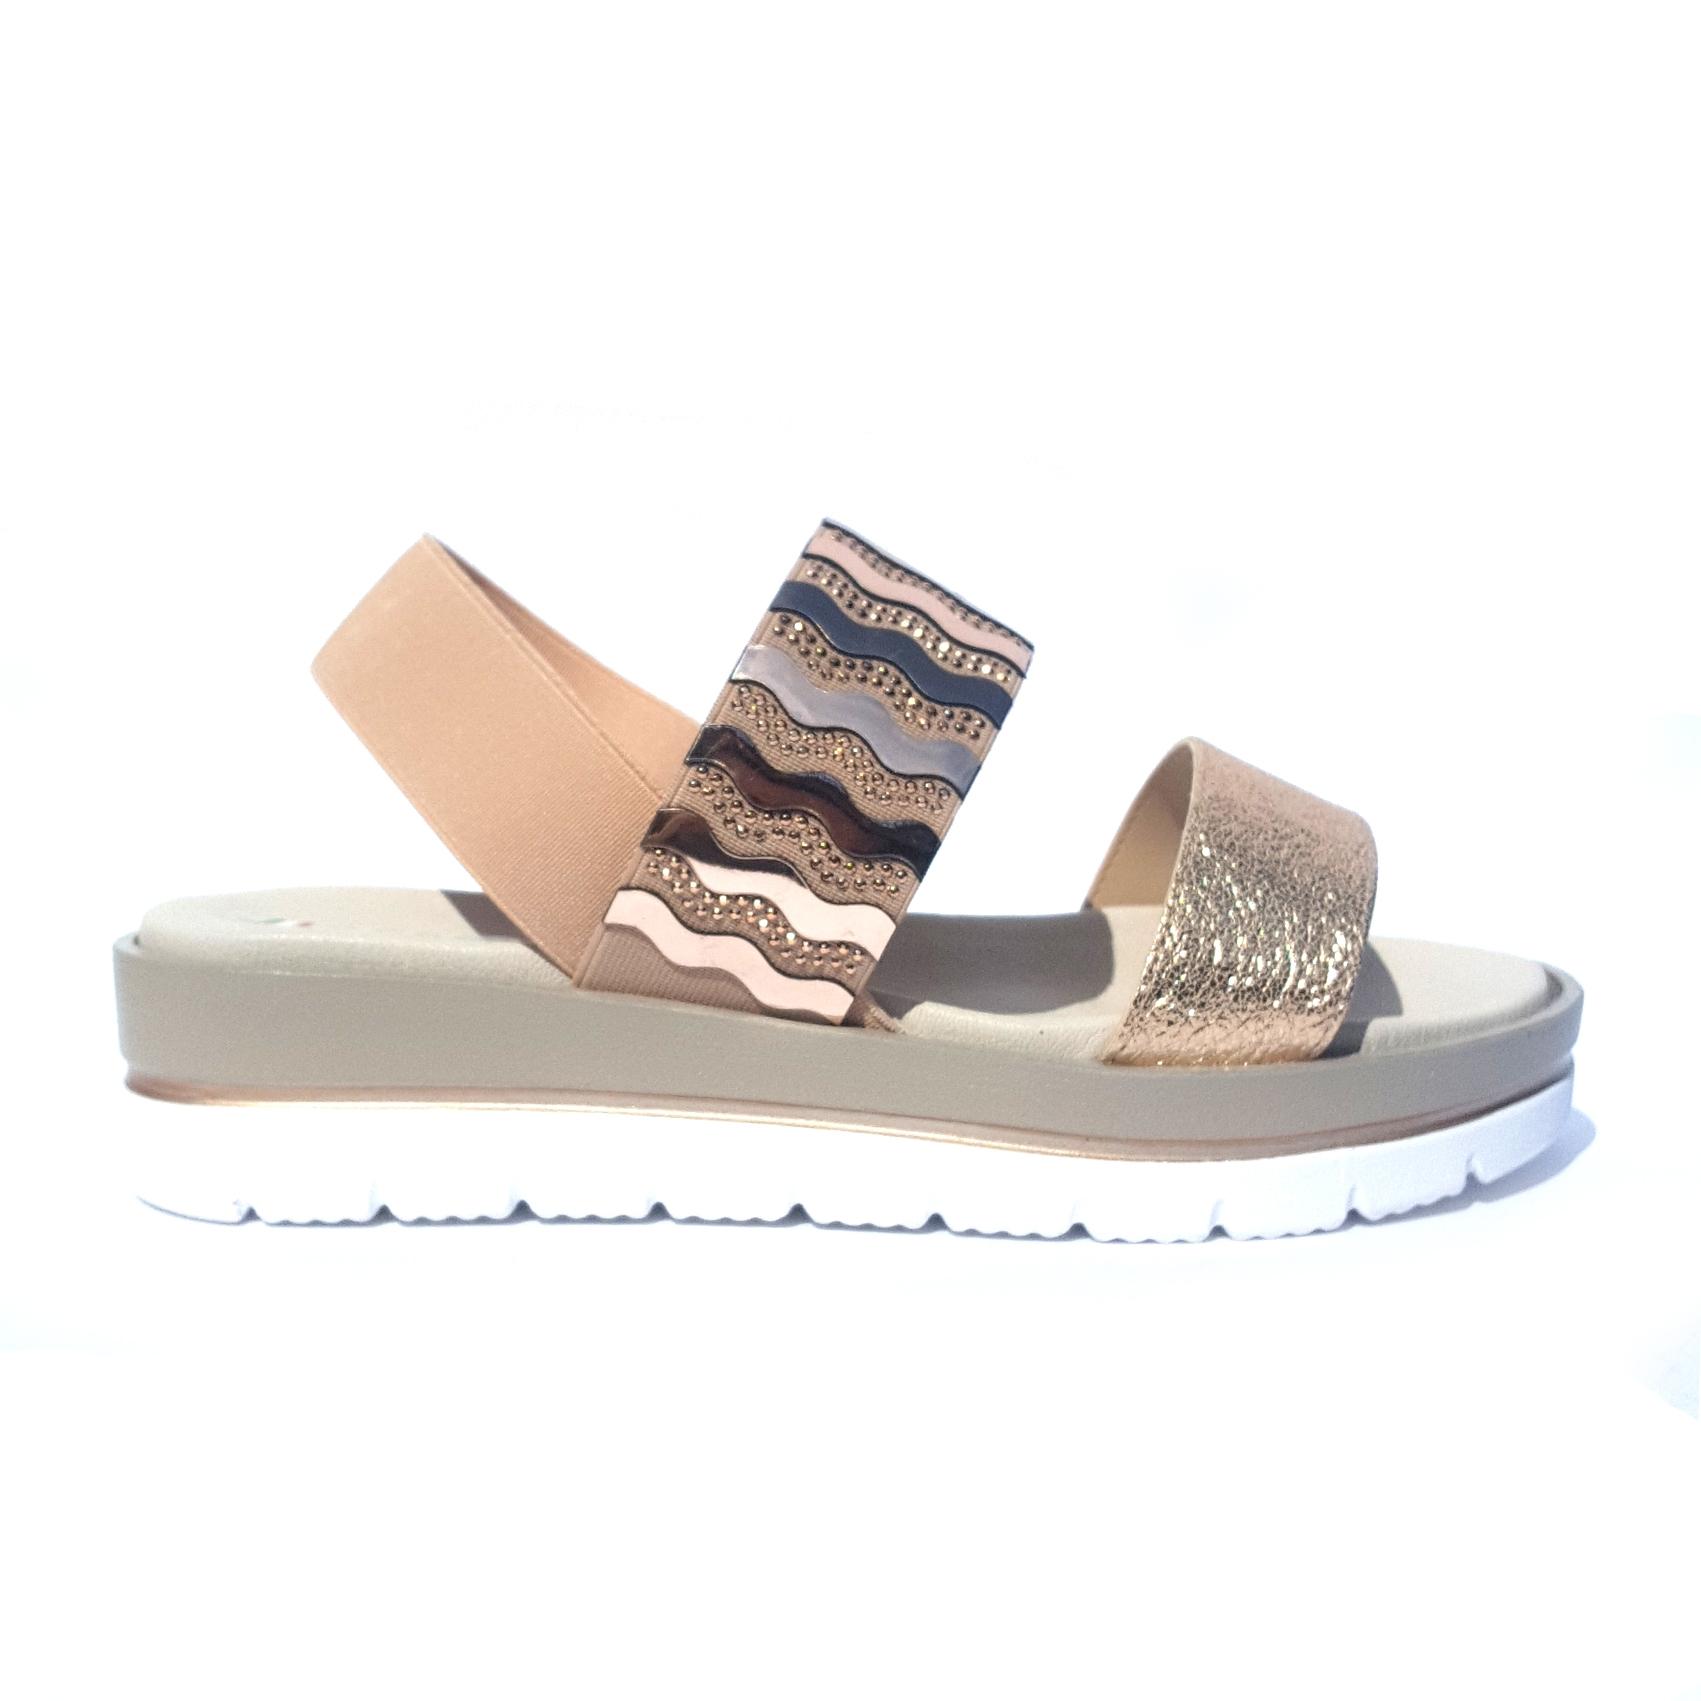 Sandalo cipria Repo